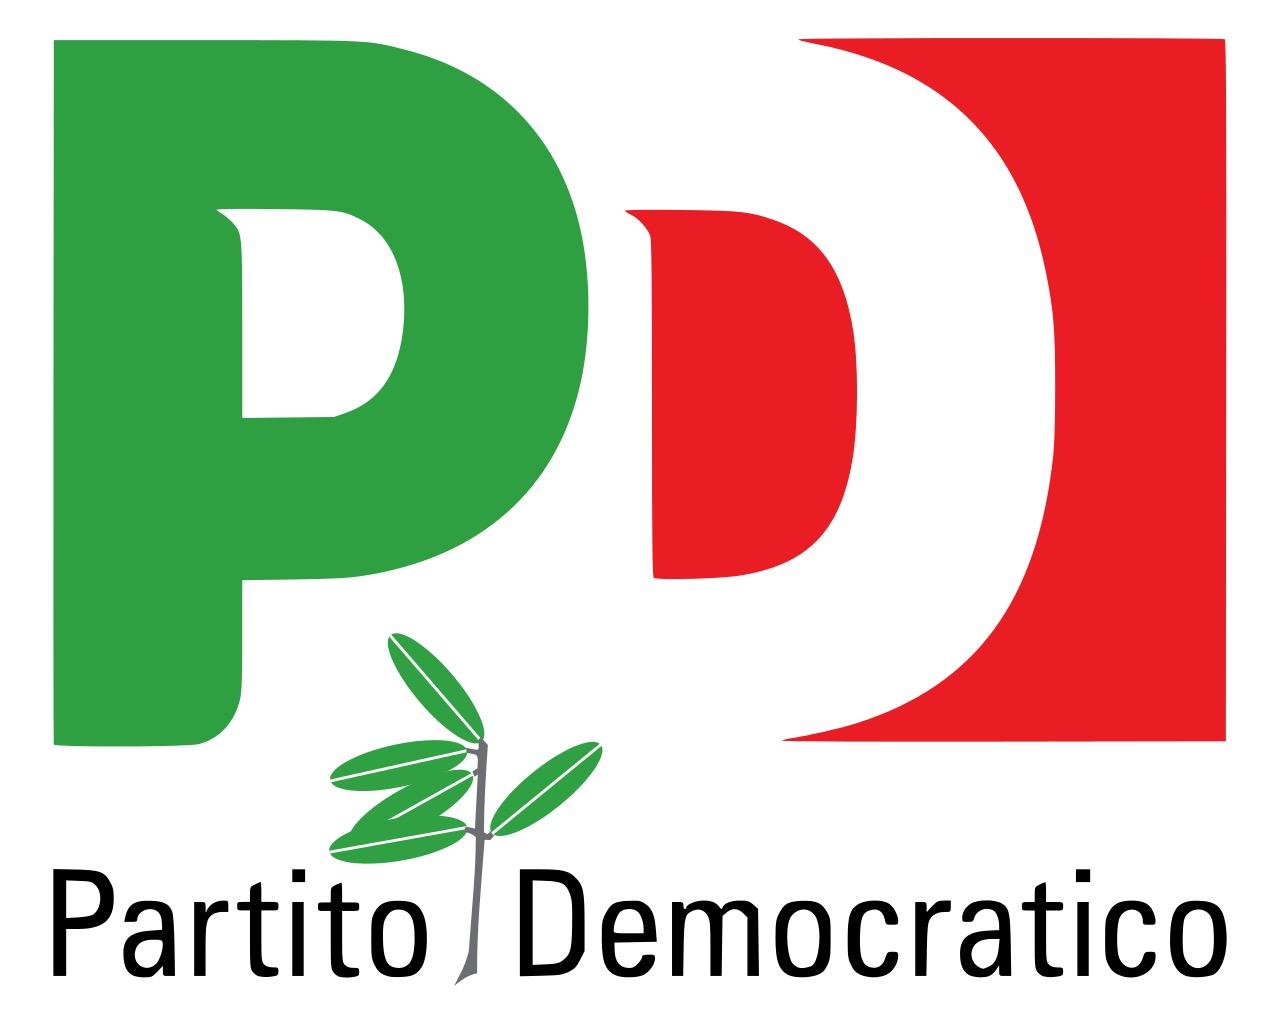 Sicilia 'incaprettata': i veri responsabili sono i parlamentari e i dirigenti del PD siciliano